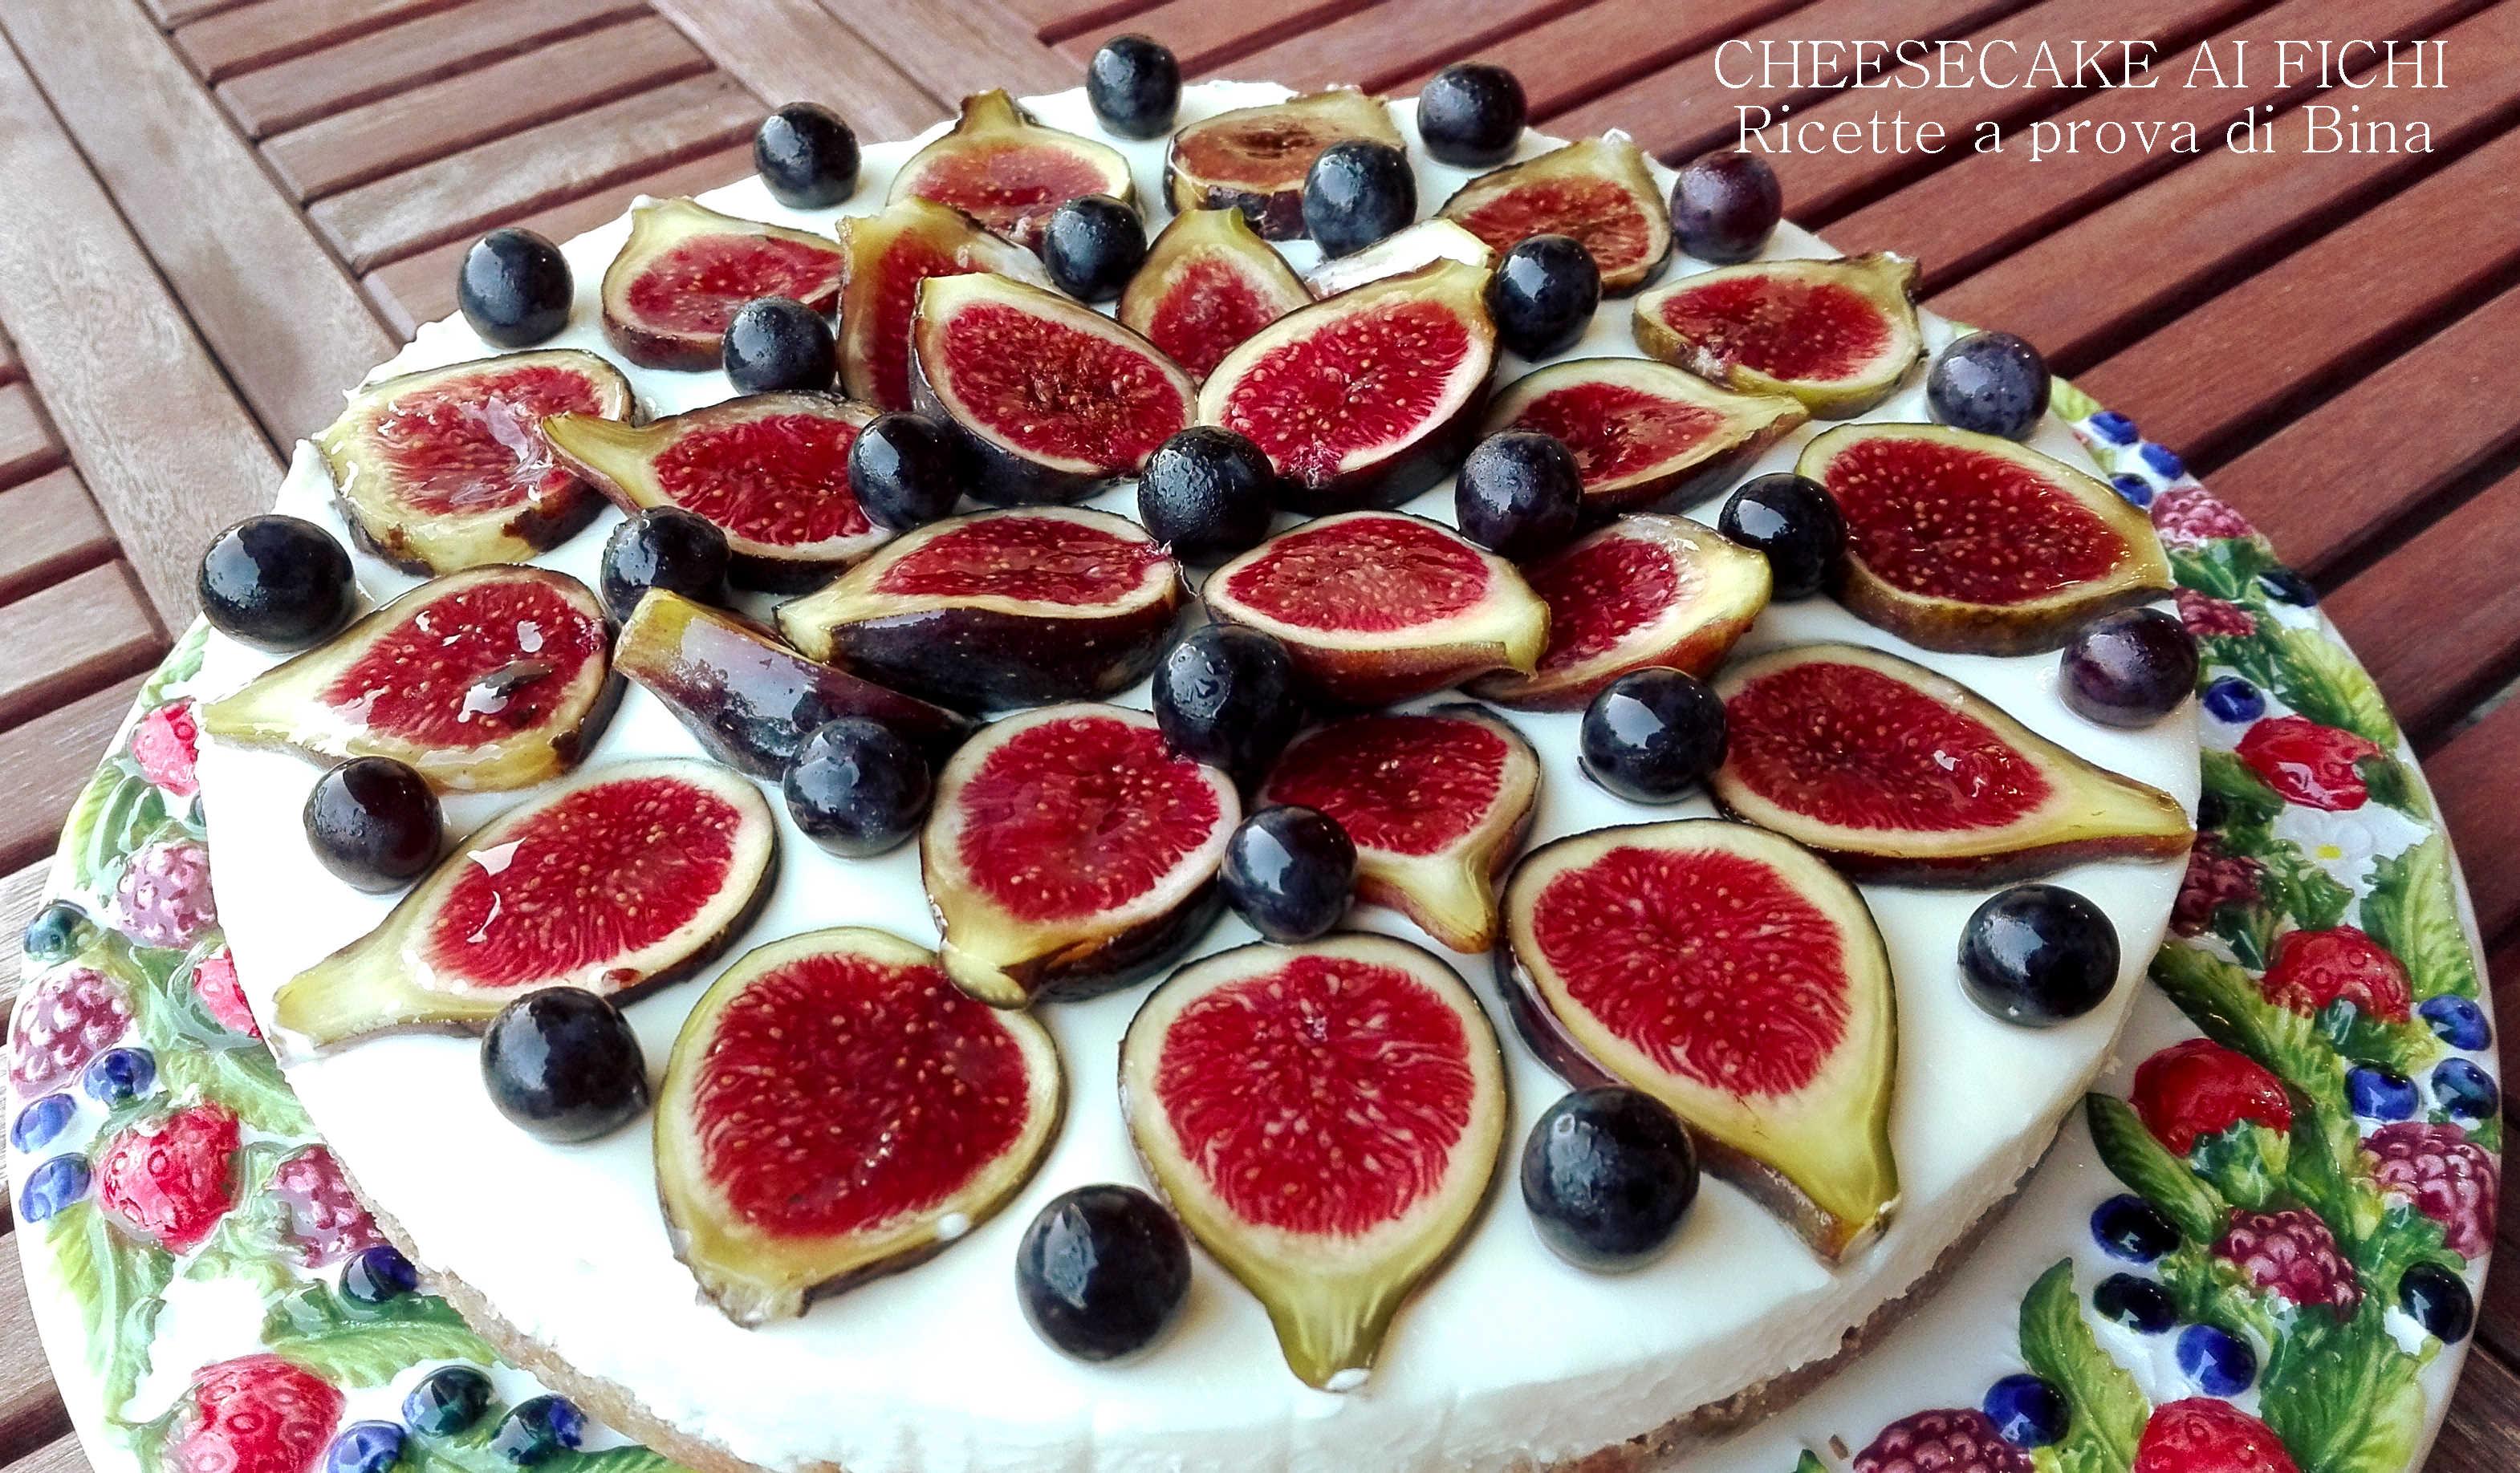 Cheesecake ai fichi freschi senza cottura